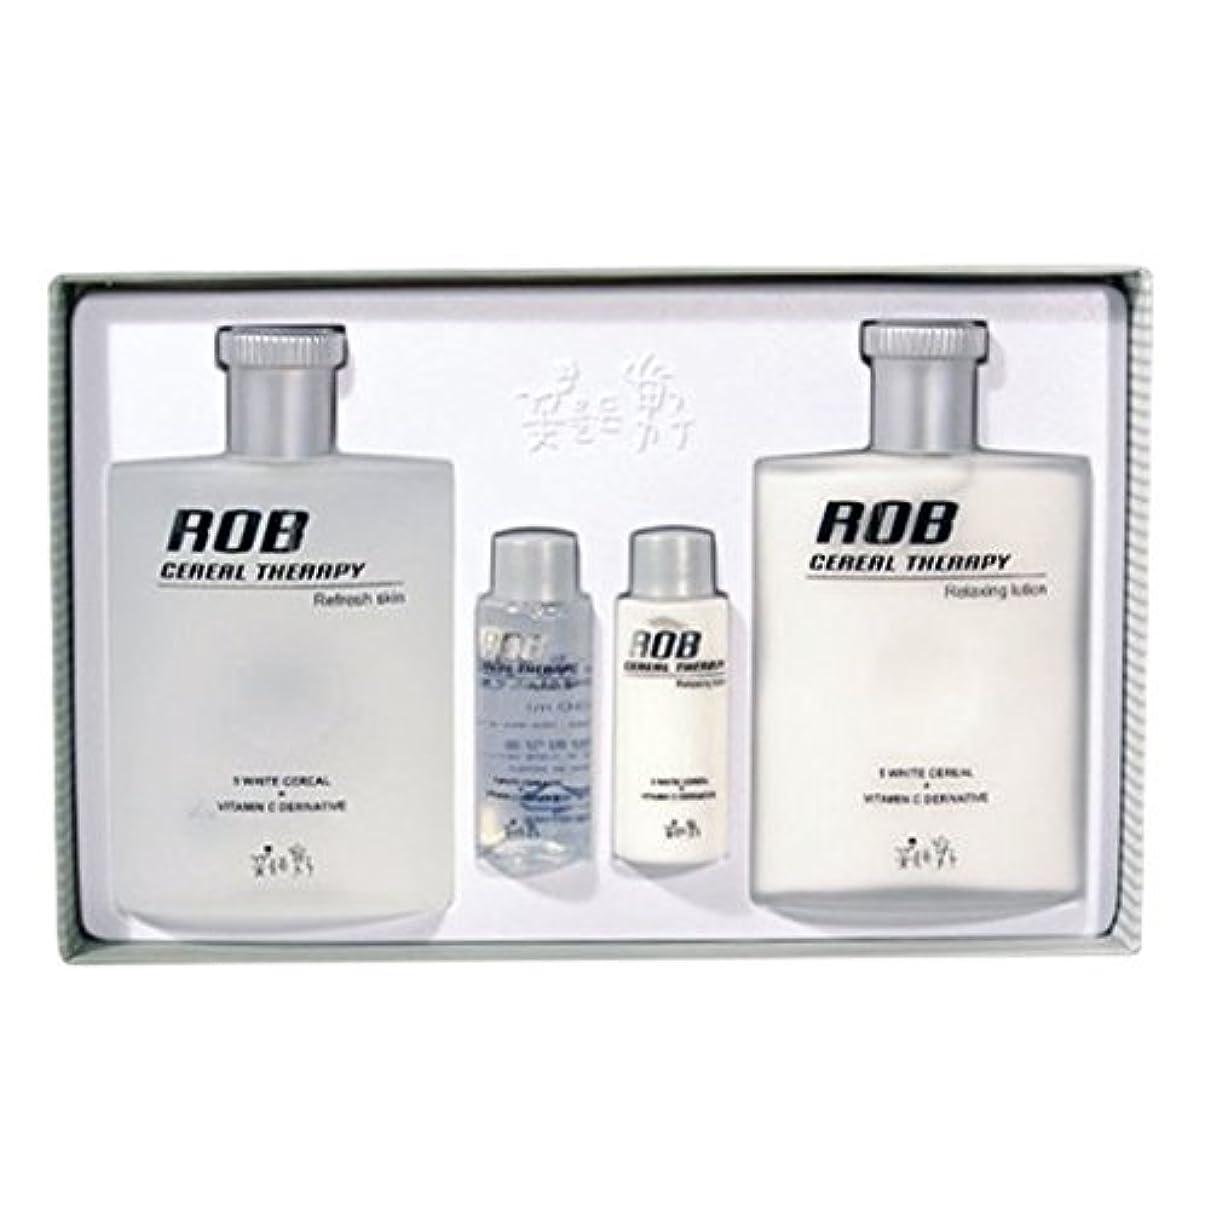 香ばしい甘味広範囲ロブ・シリアルセラピースキン(160+30ml)ローション(160+30ml)、男性用化粧品、ROB Cereal Therapy Skin(160+30ml) Lotion(160+30ml) Men's Cosmetics [並行輸入品]